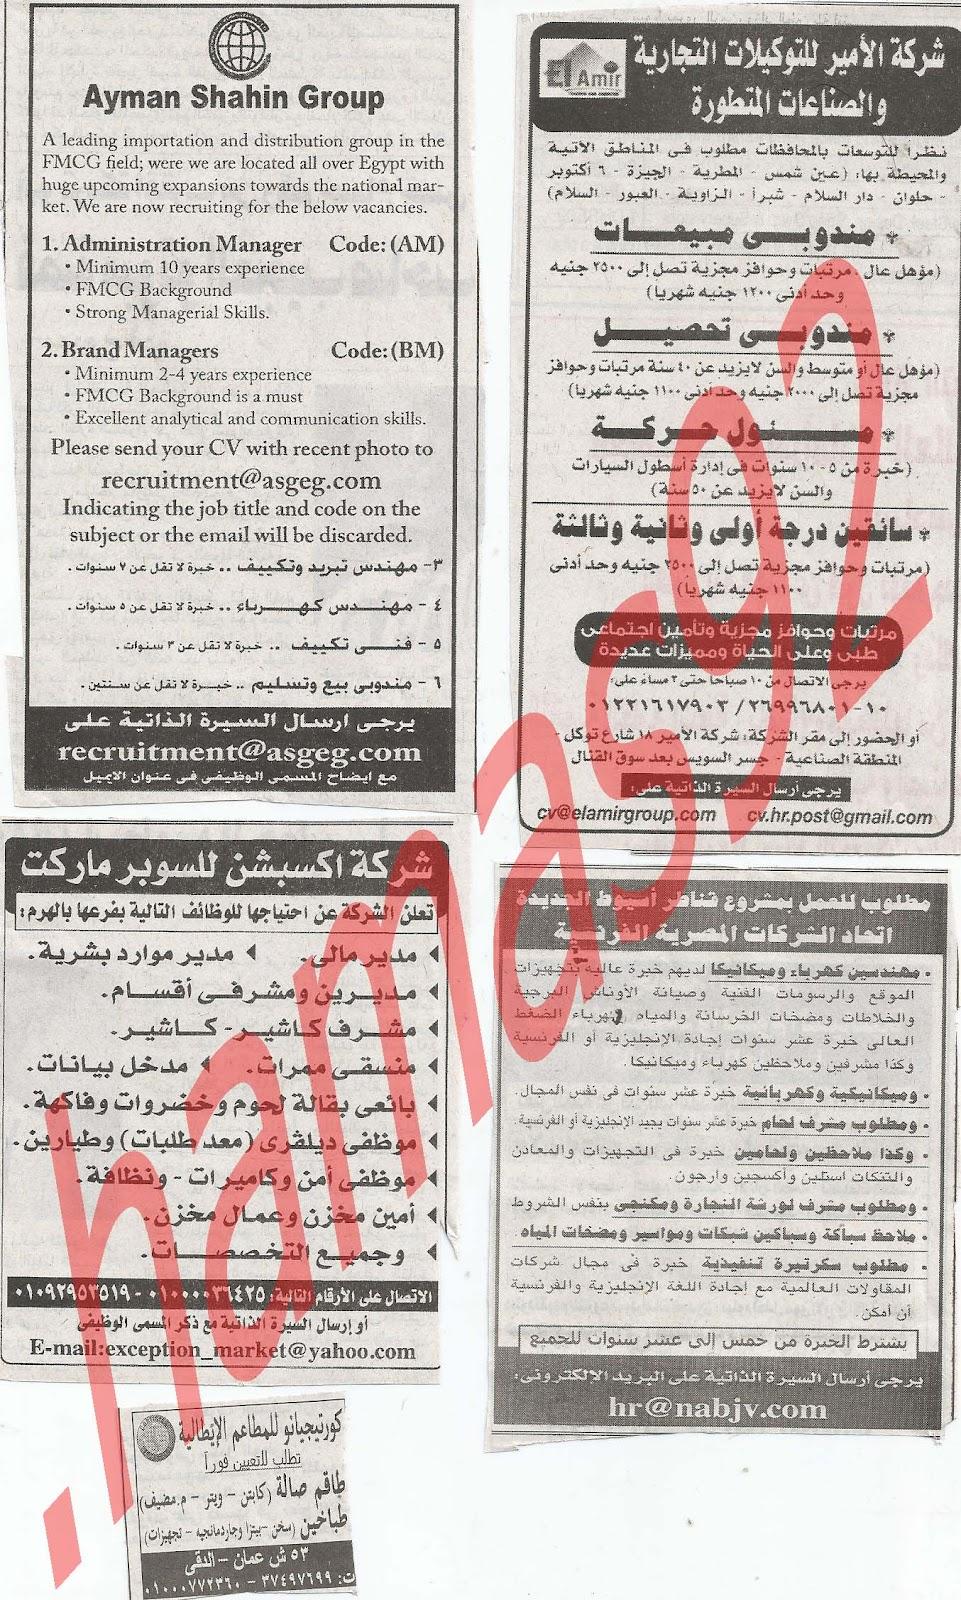 اعلانات الوظائف الخالية فى جريدة الاهرام الجمعة 27/7/2012 - الاهرام الاسبوعى 11